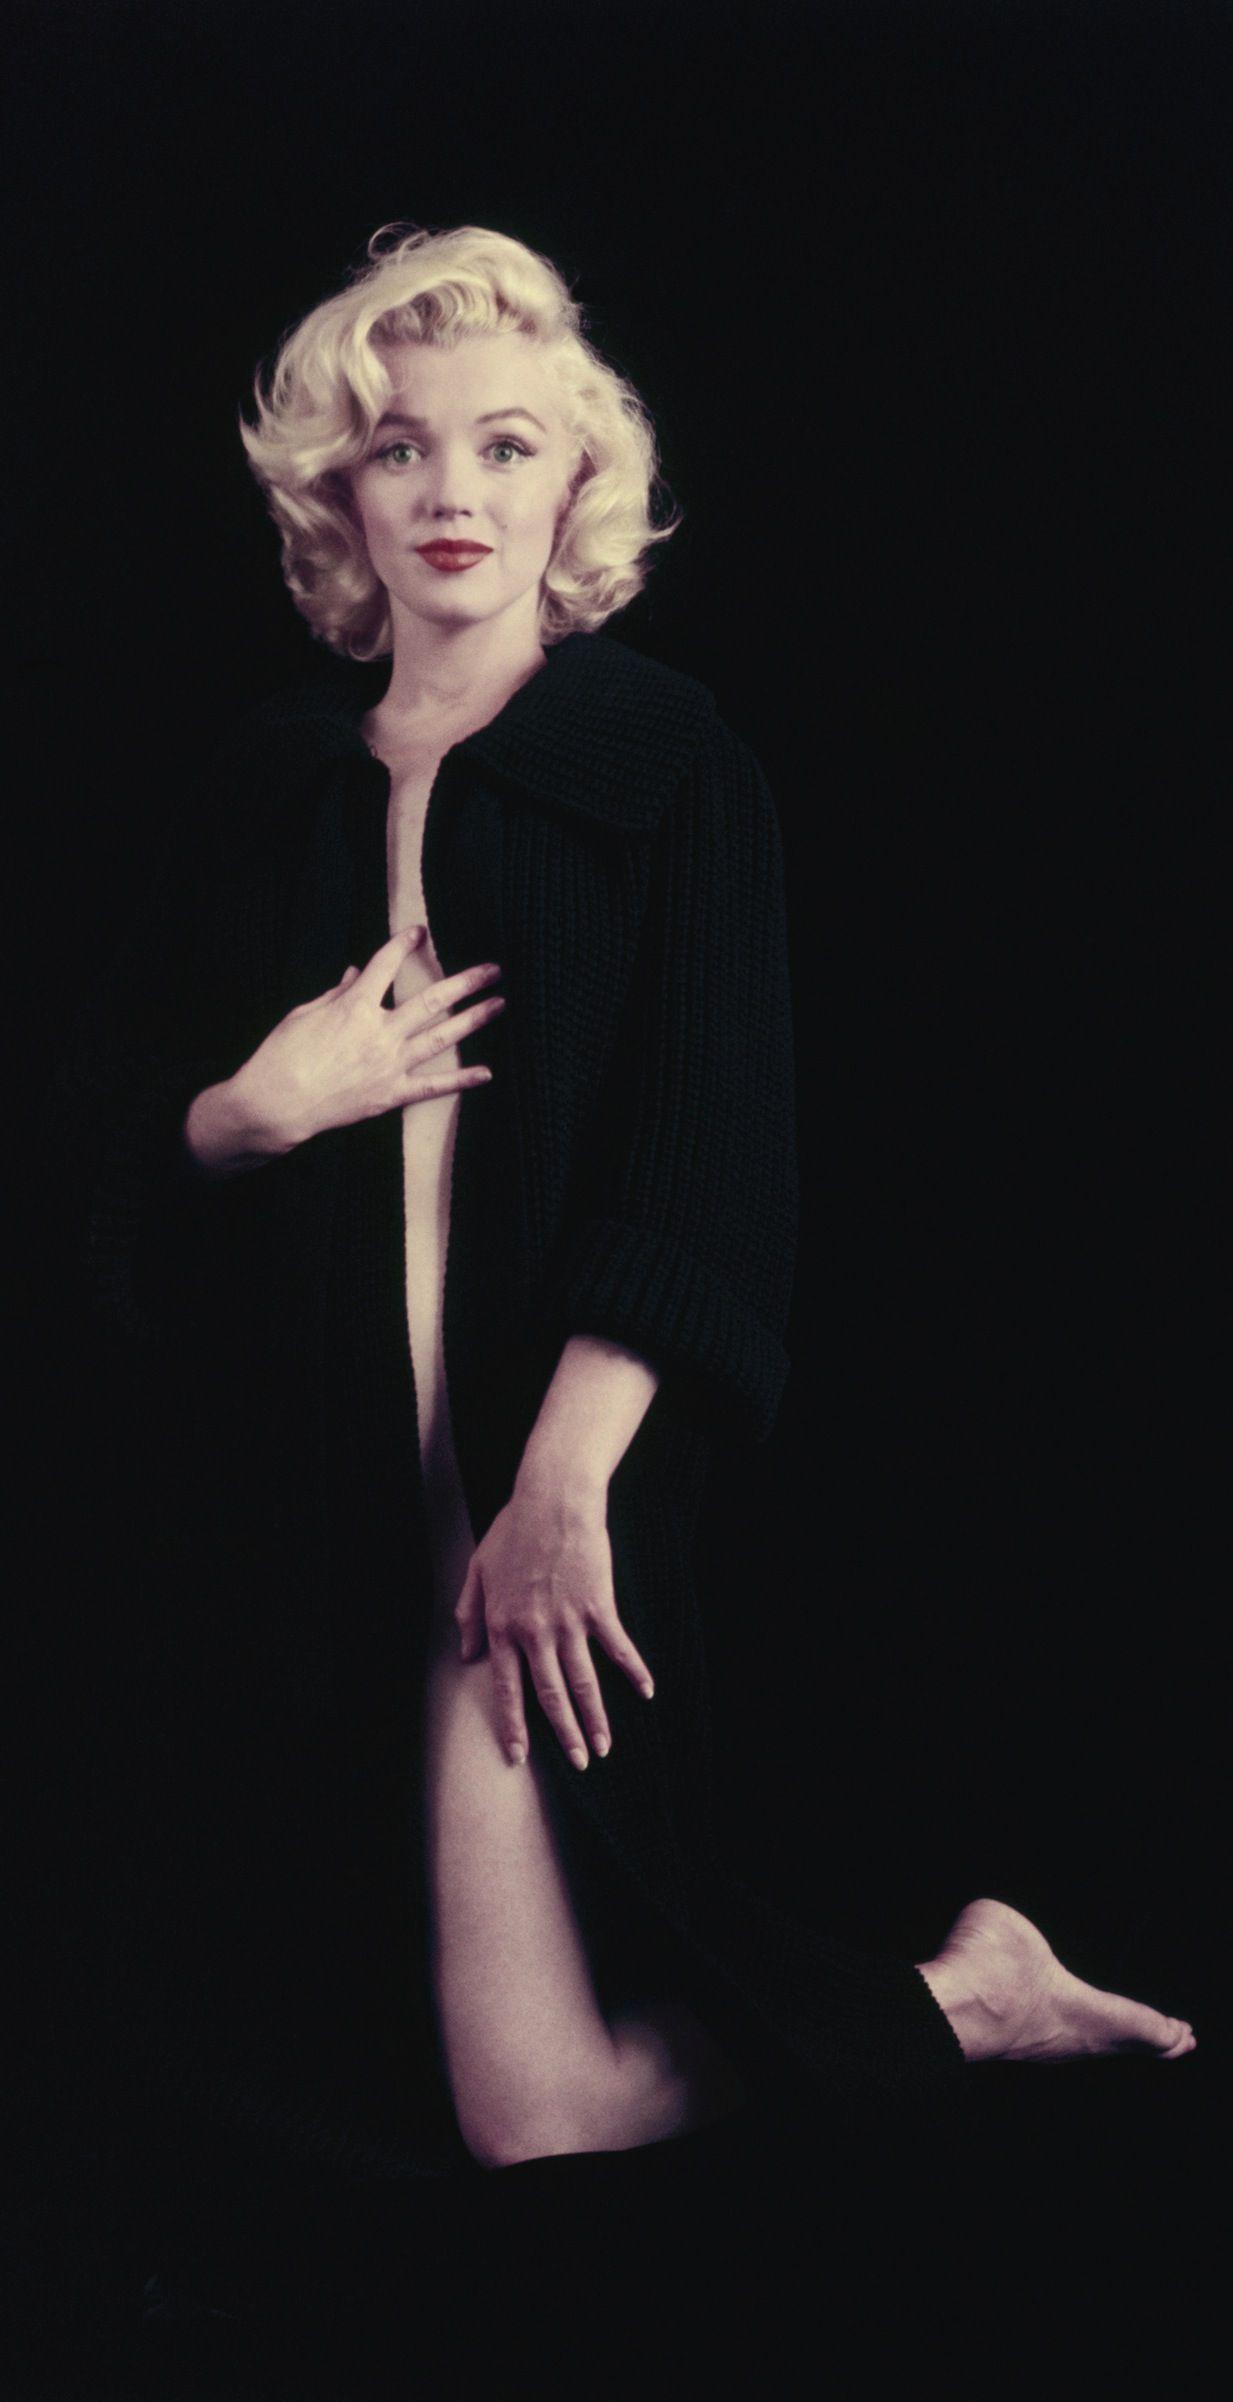 Autopsy photo of marilyn monroe Death of Marilyn Monroe - Wikipedia